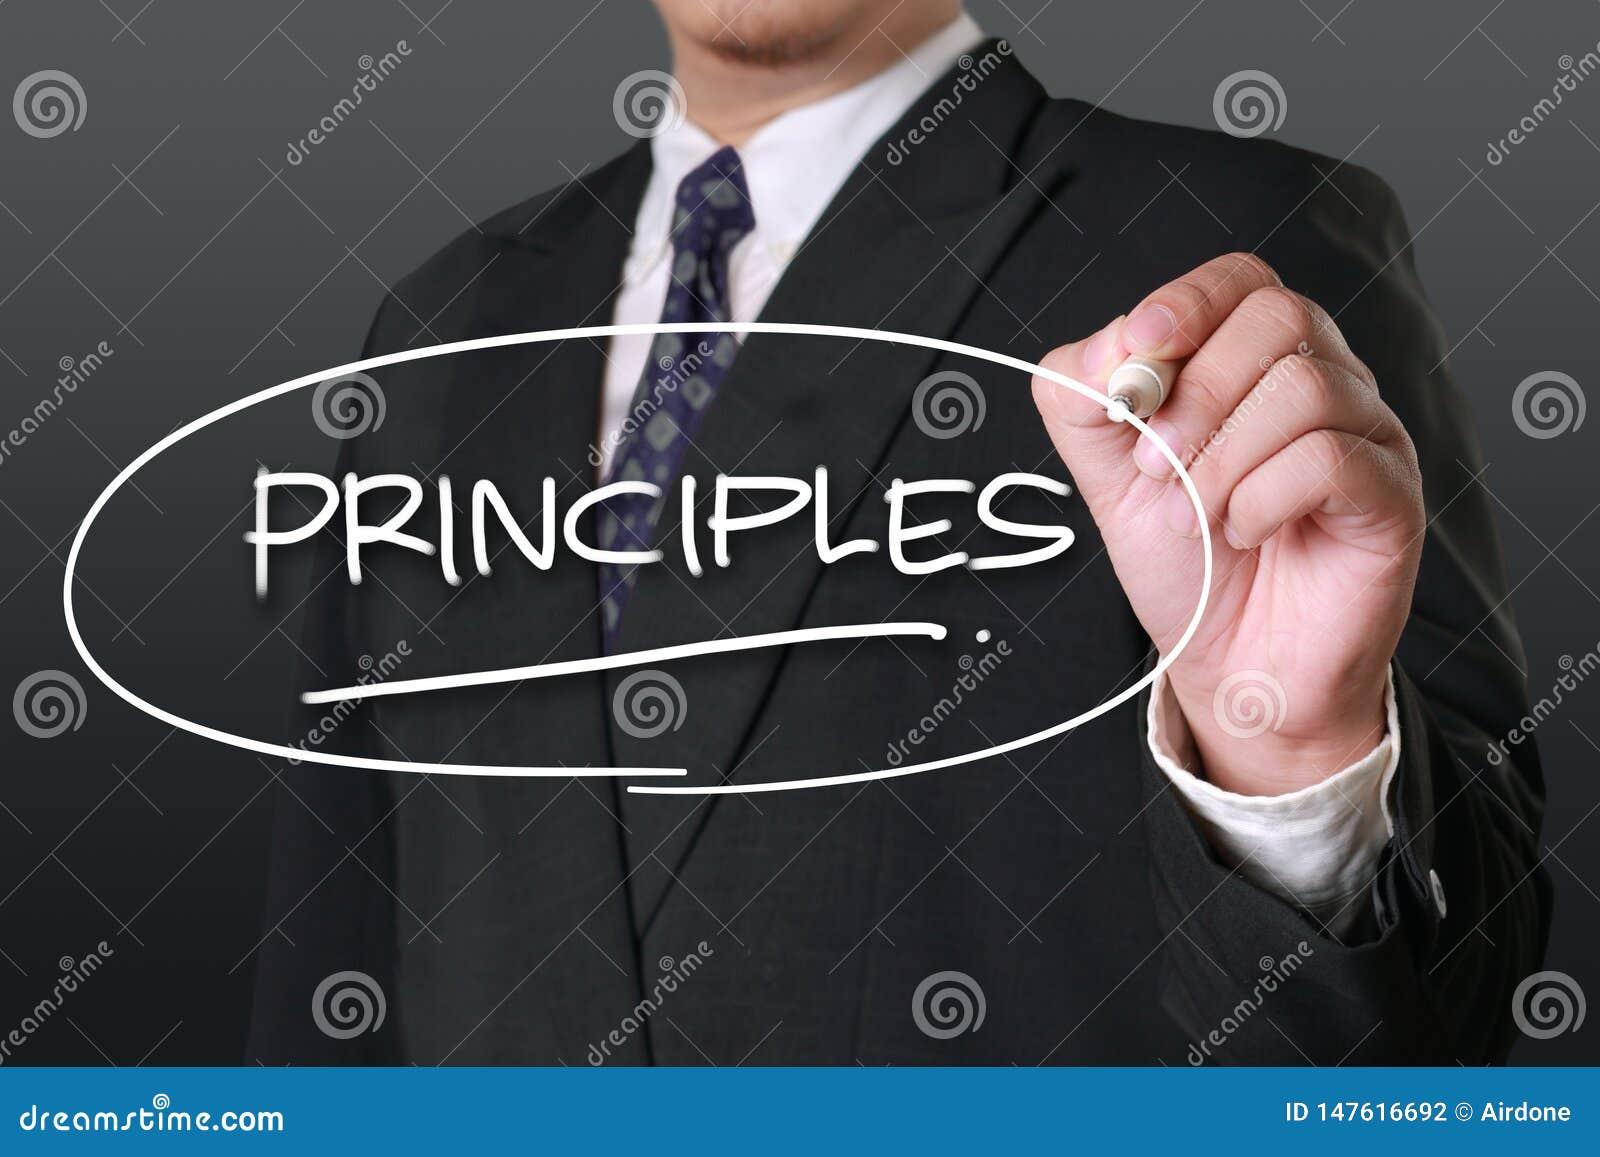 Principi, concetto motivazionale di citazioni di parole